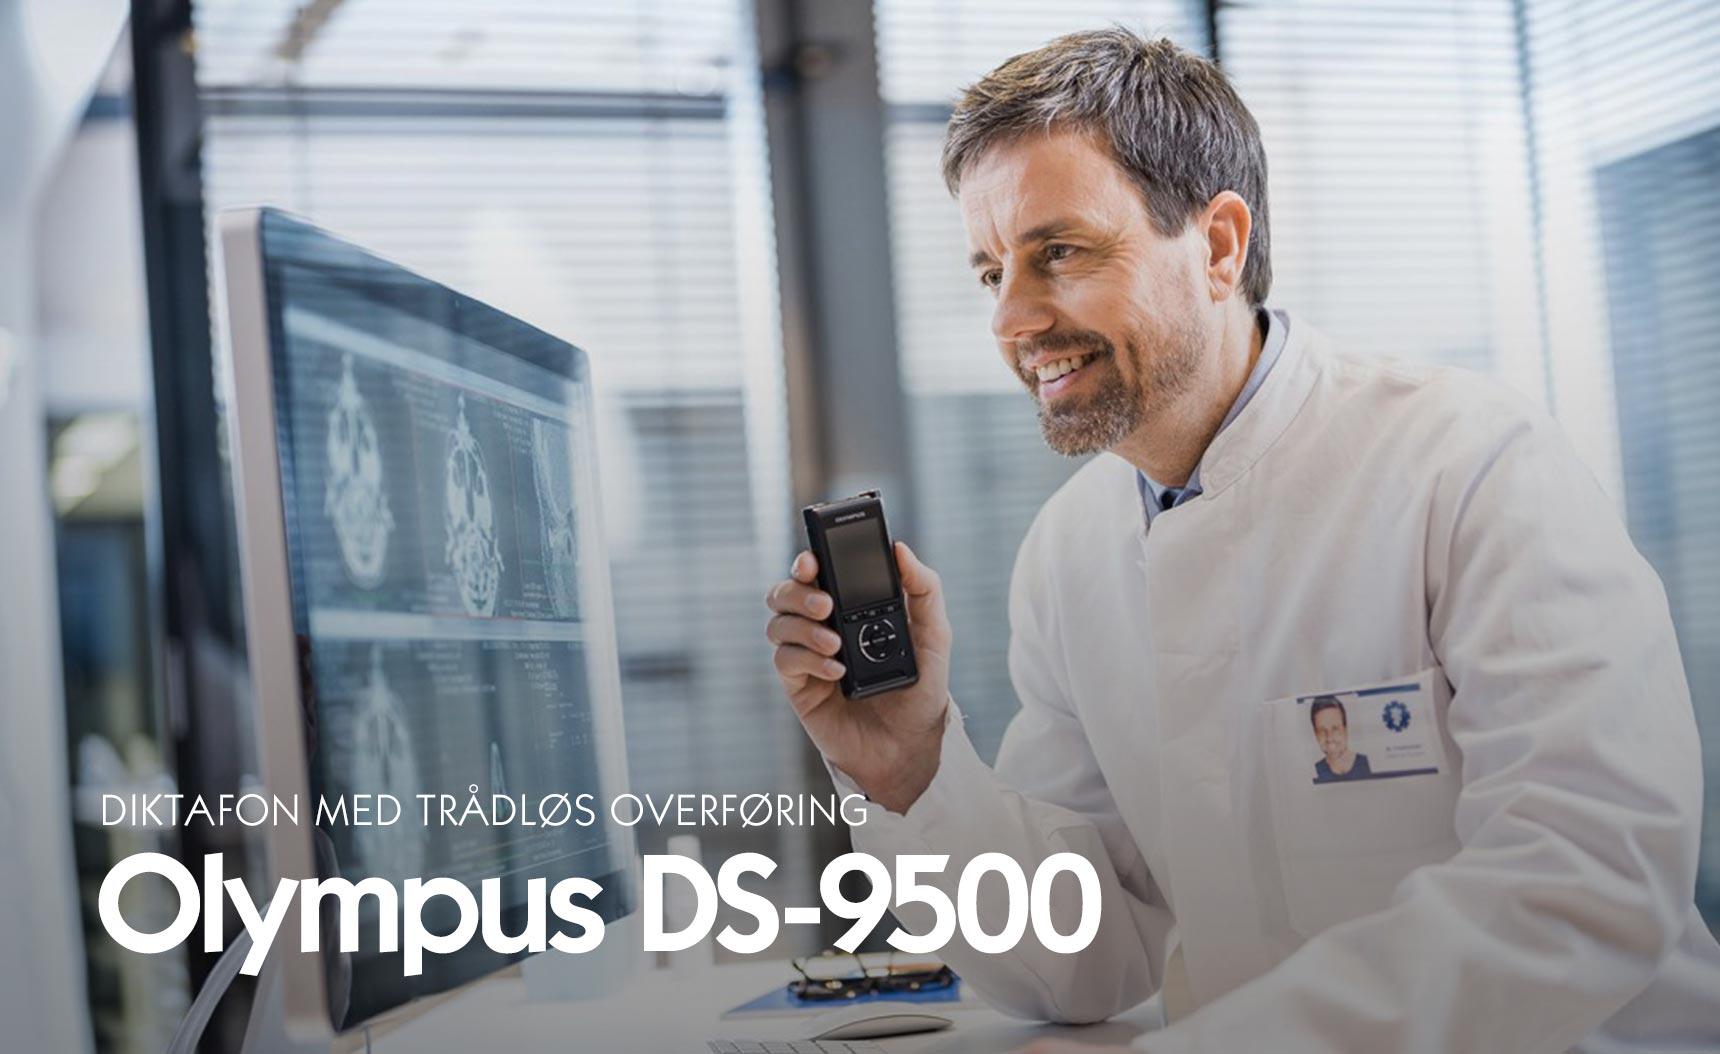 Diktafon med trådløs overføring - Olympus DS-9500